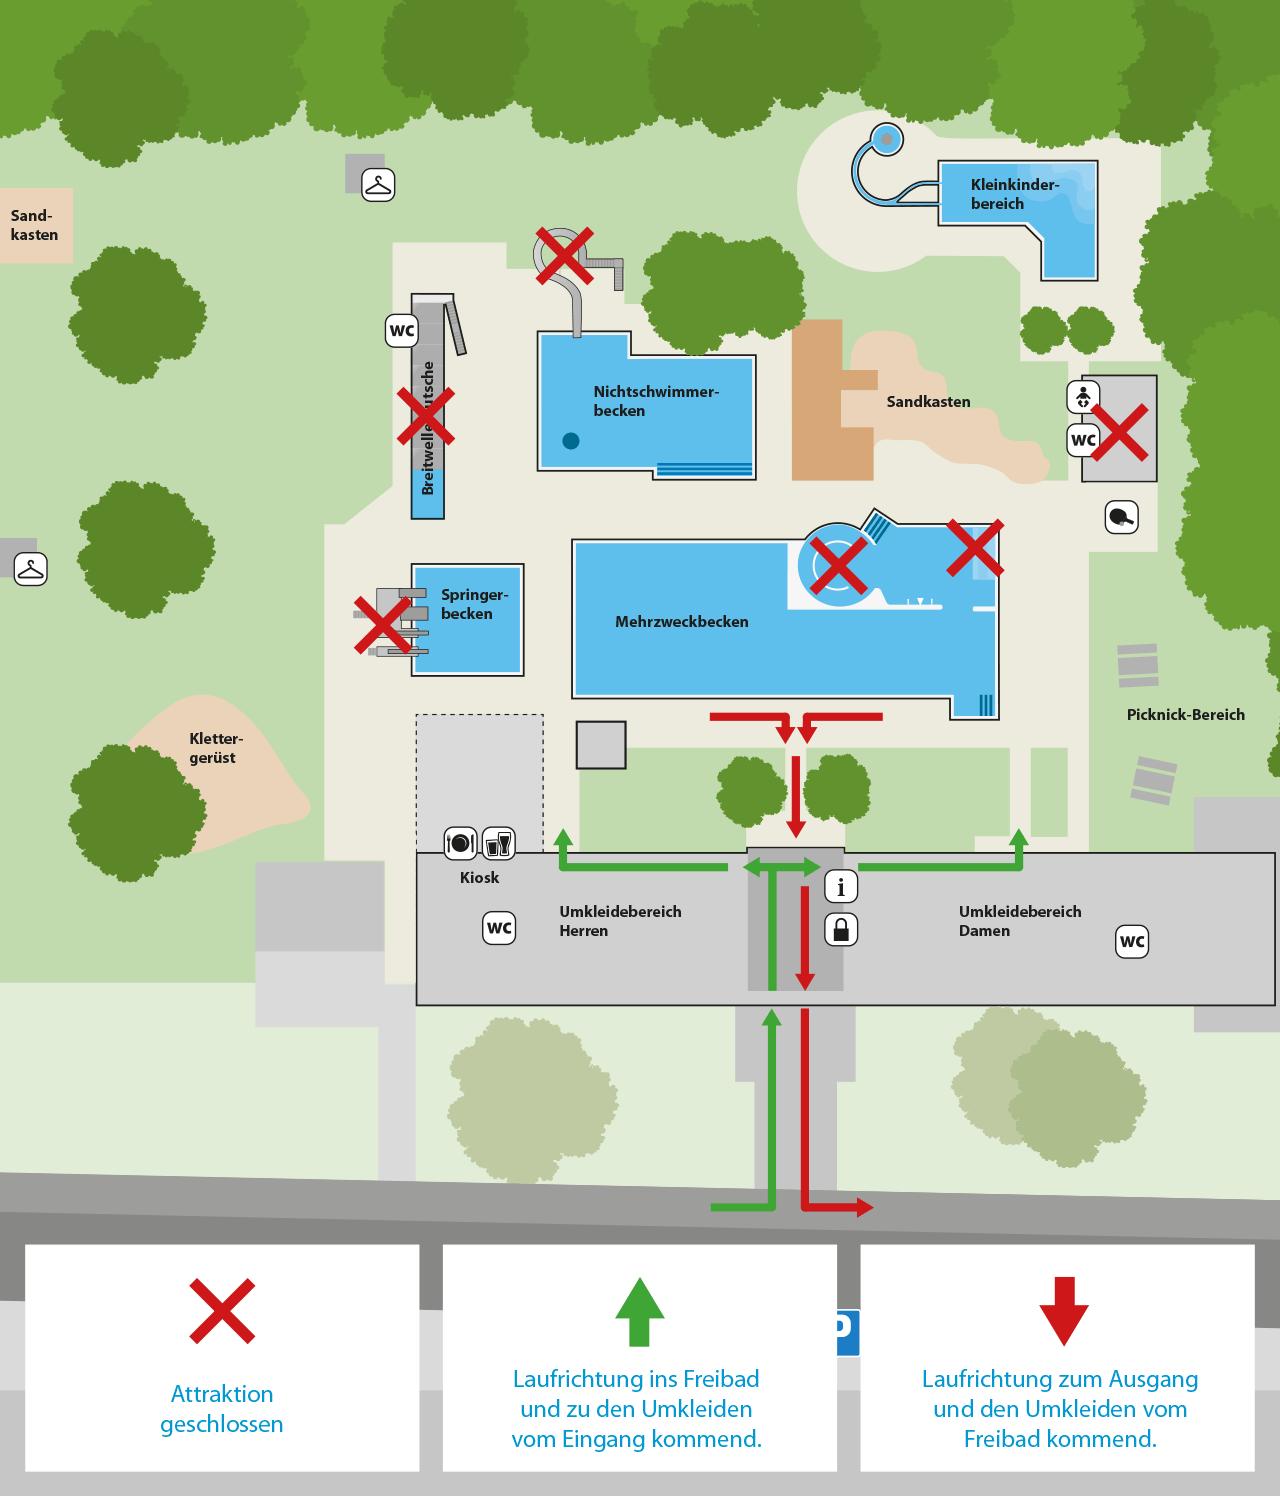 Übersichtsplan des Freibades mit den Einschränkungen durch COVID-19